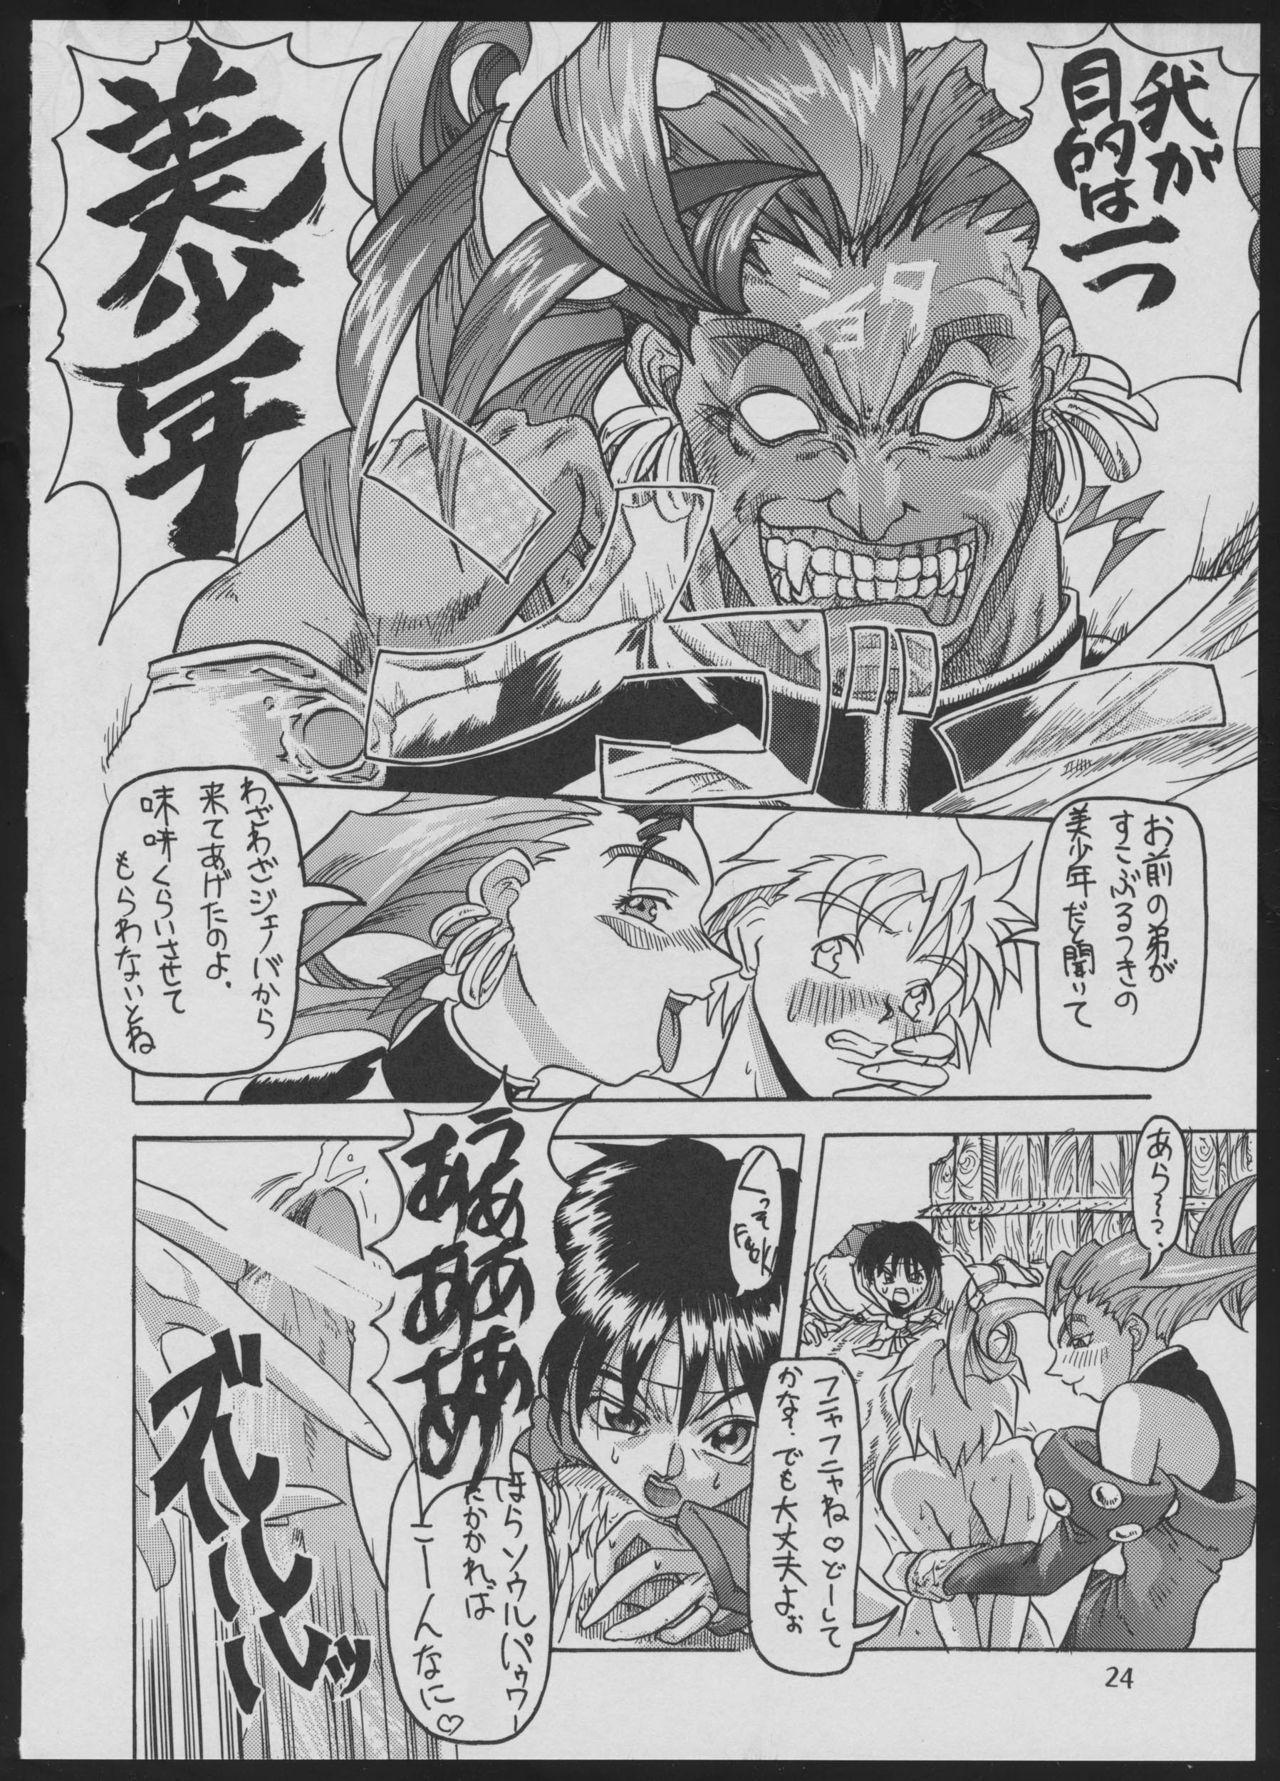 '96 Natsu no Game 18-kin Special 23